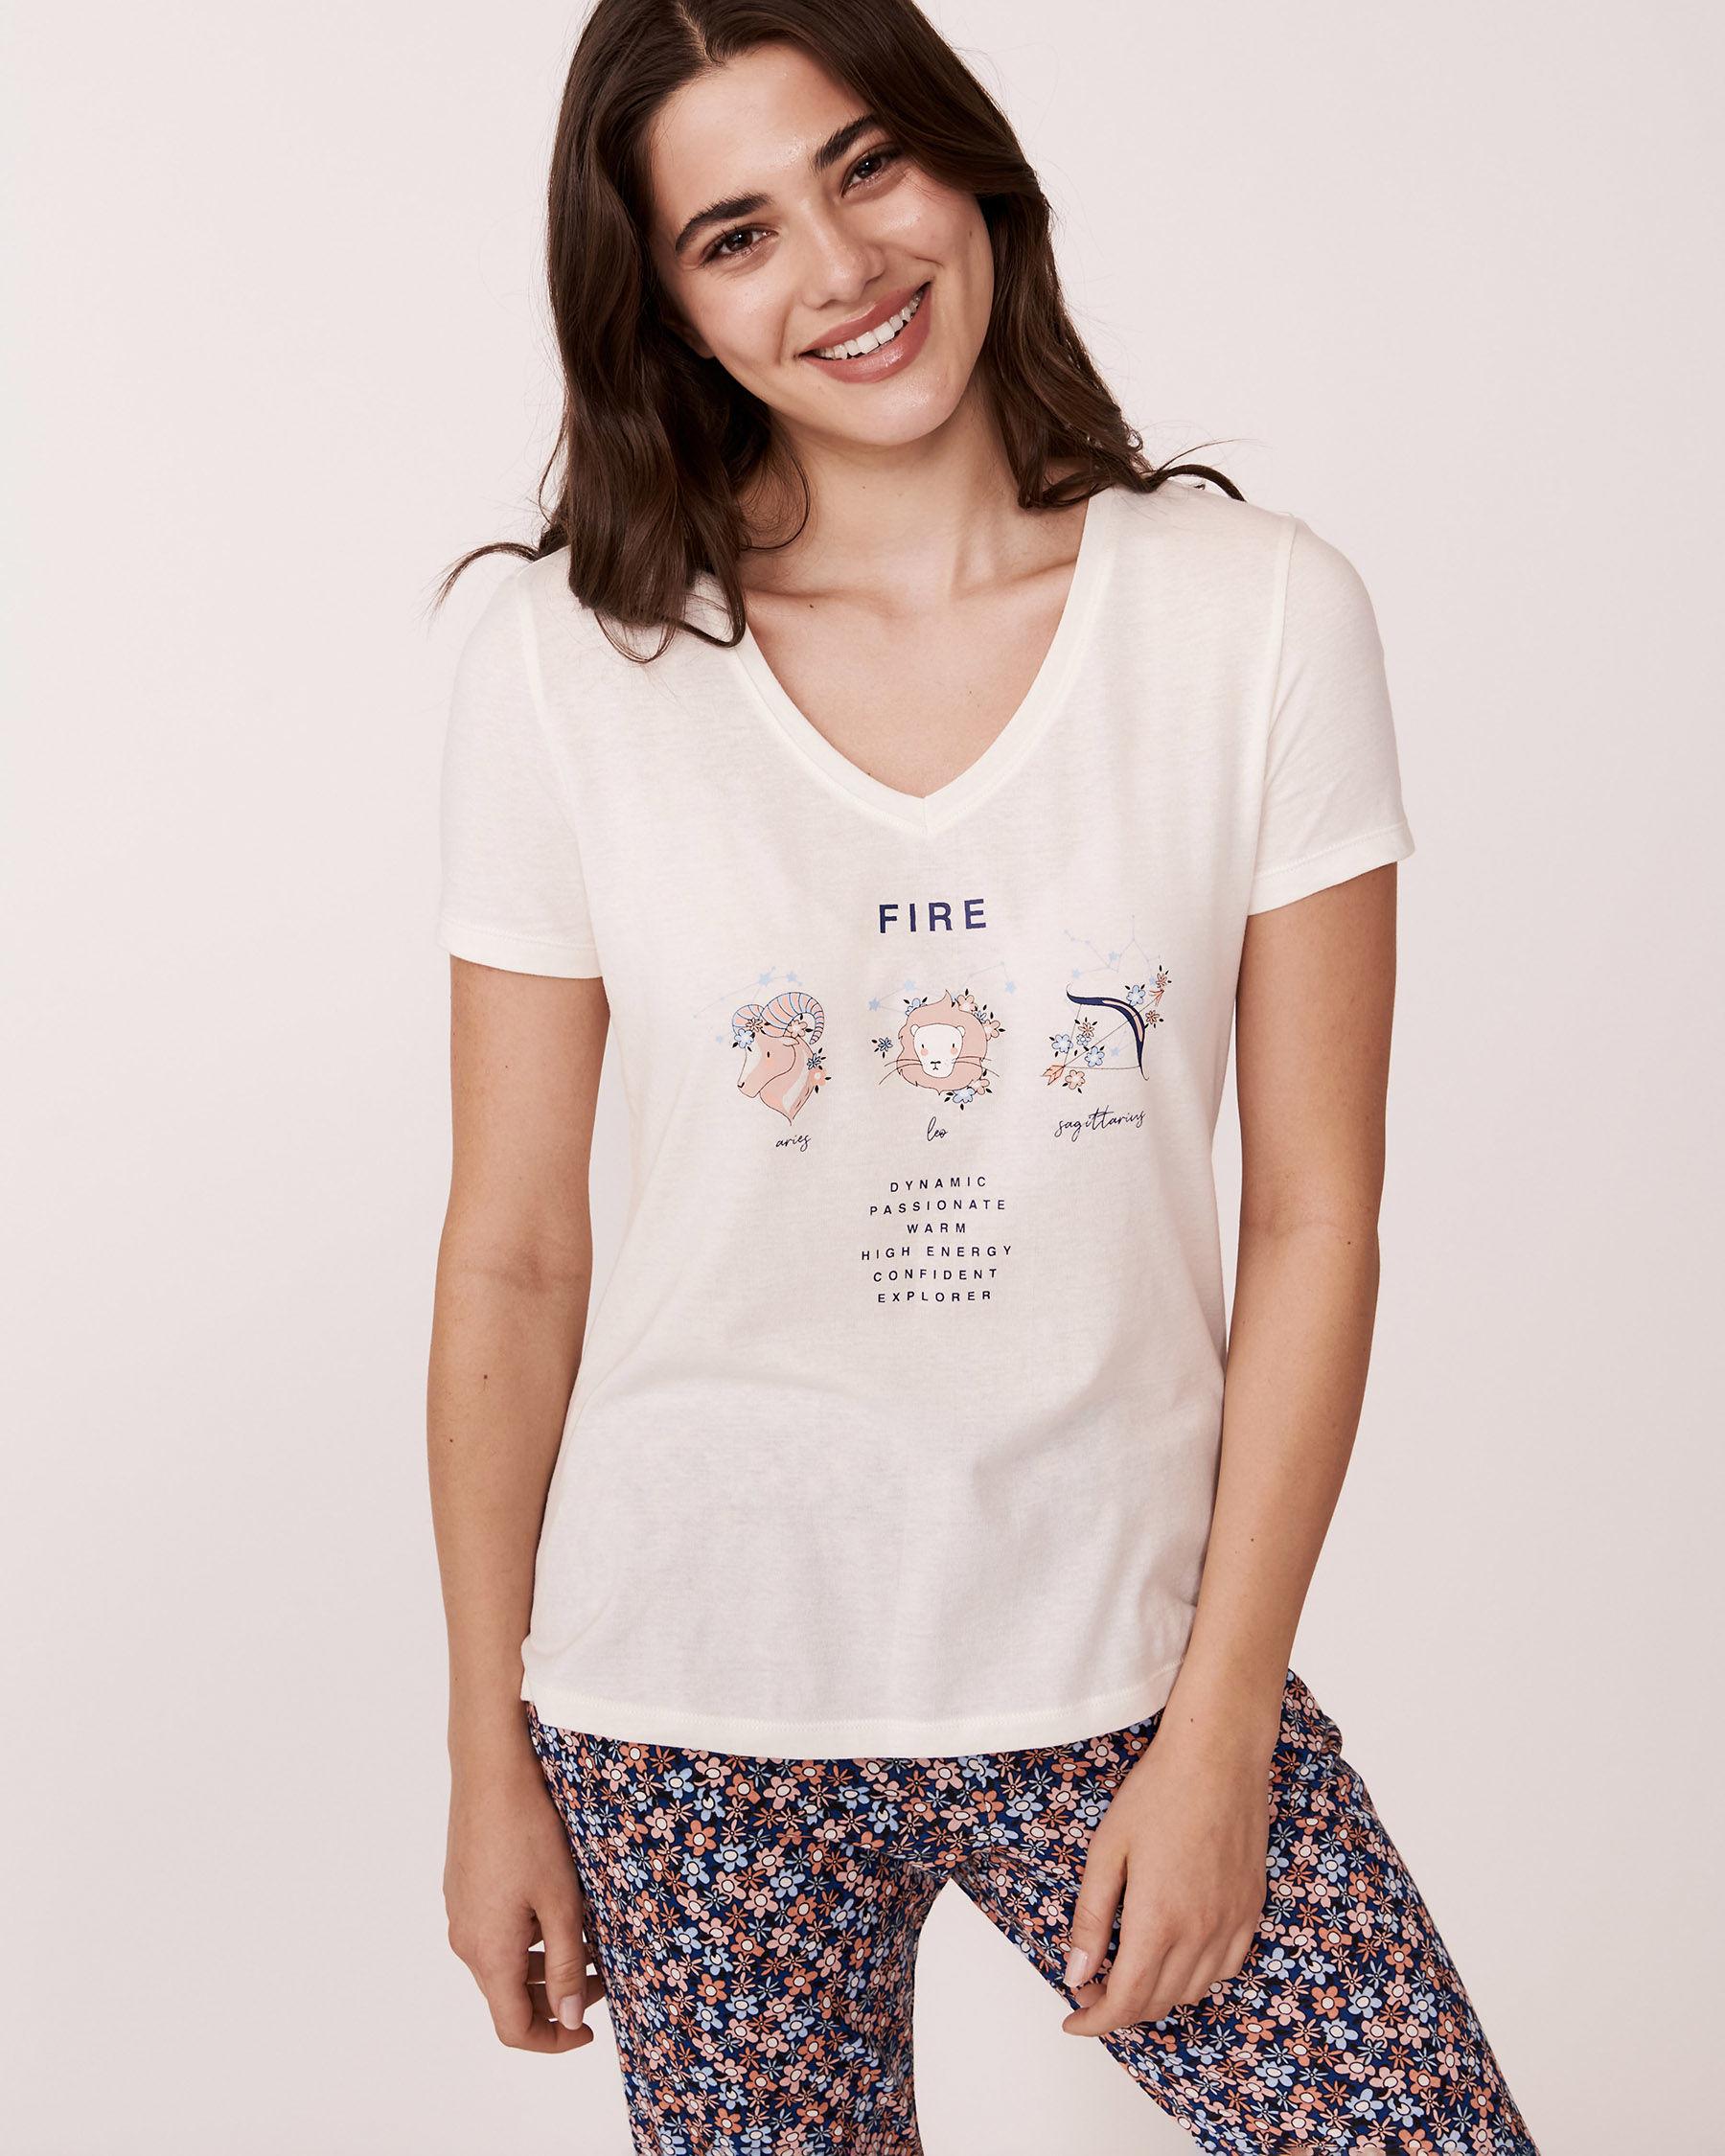 LA VIE EN ROSE V-neckline T-shirt White 878-386-0-11 - View1